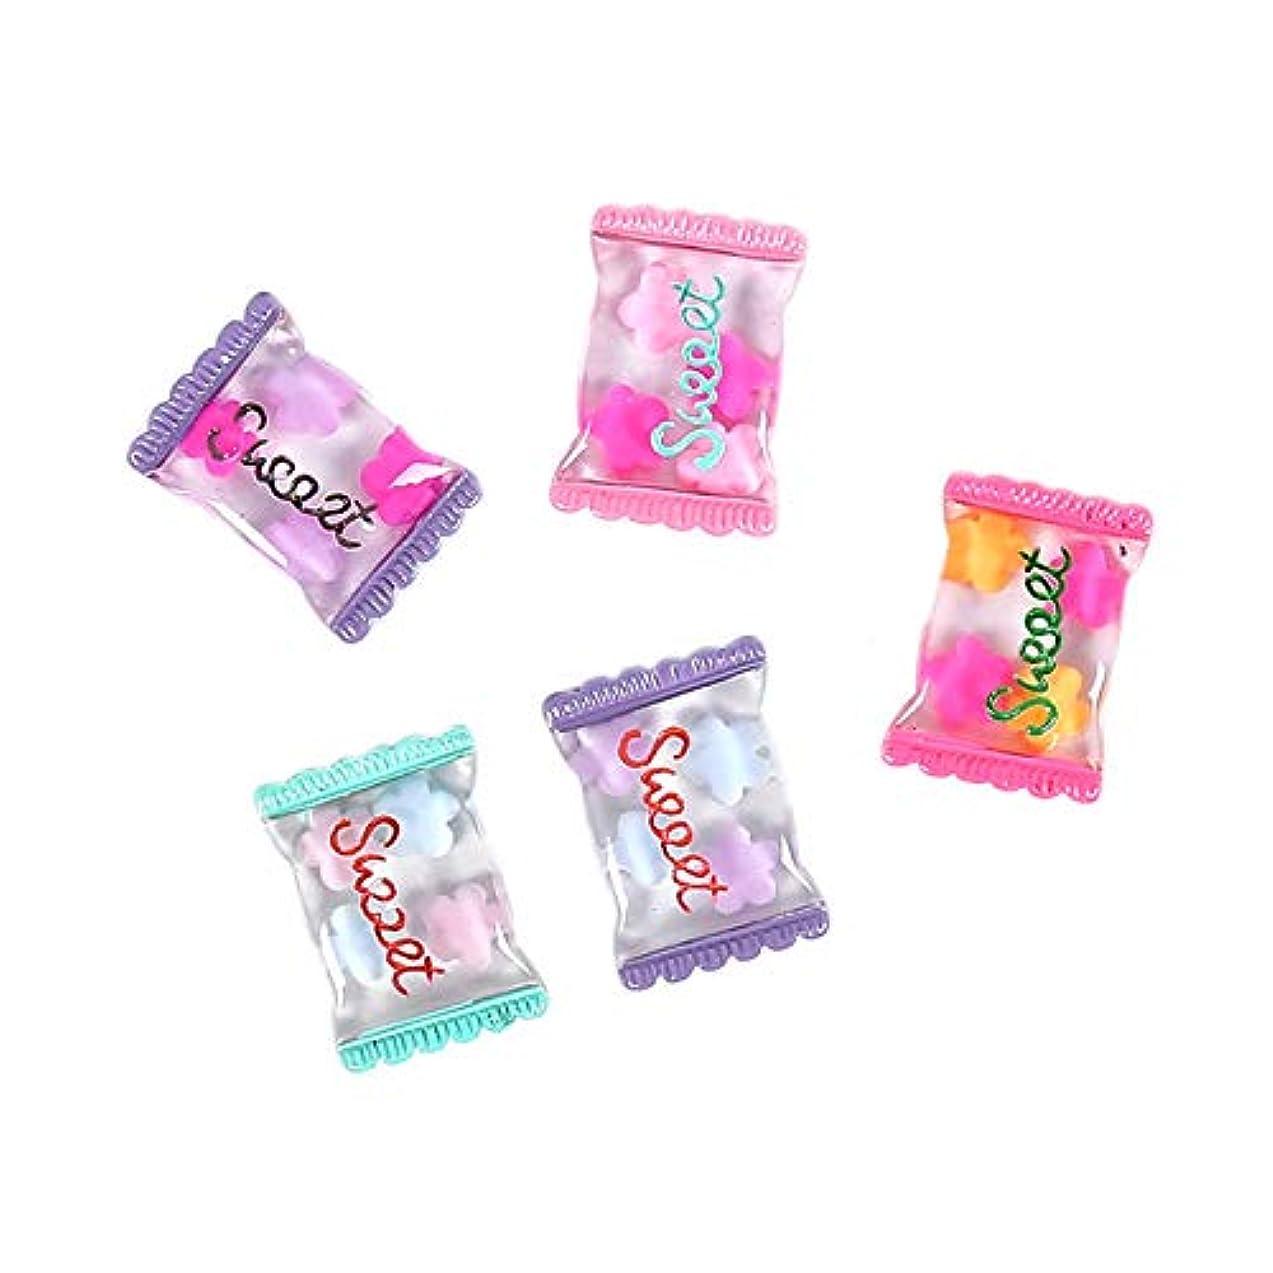 整然とした本を読む粒子Gaoominy 100個甘い樹脂キャンディヒラタミニチュアゼリーキャンディカボションスクラップブッキングdiyヘアアクセサリーデコパーツ